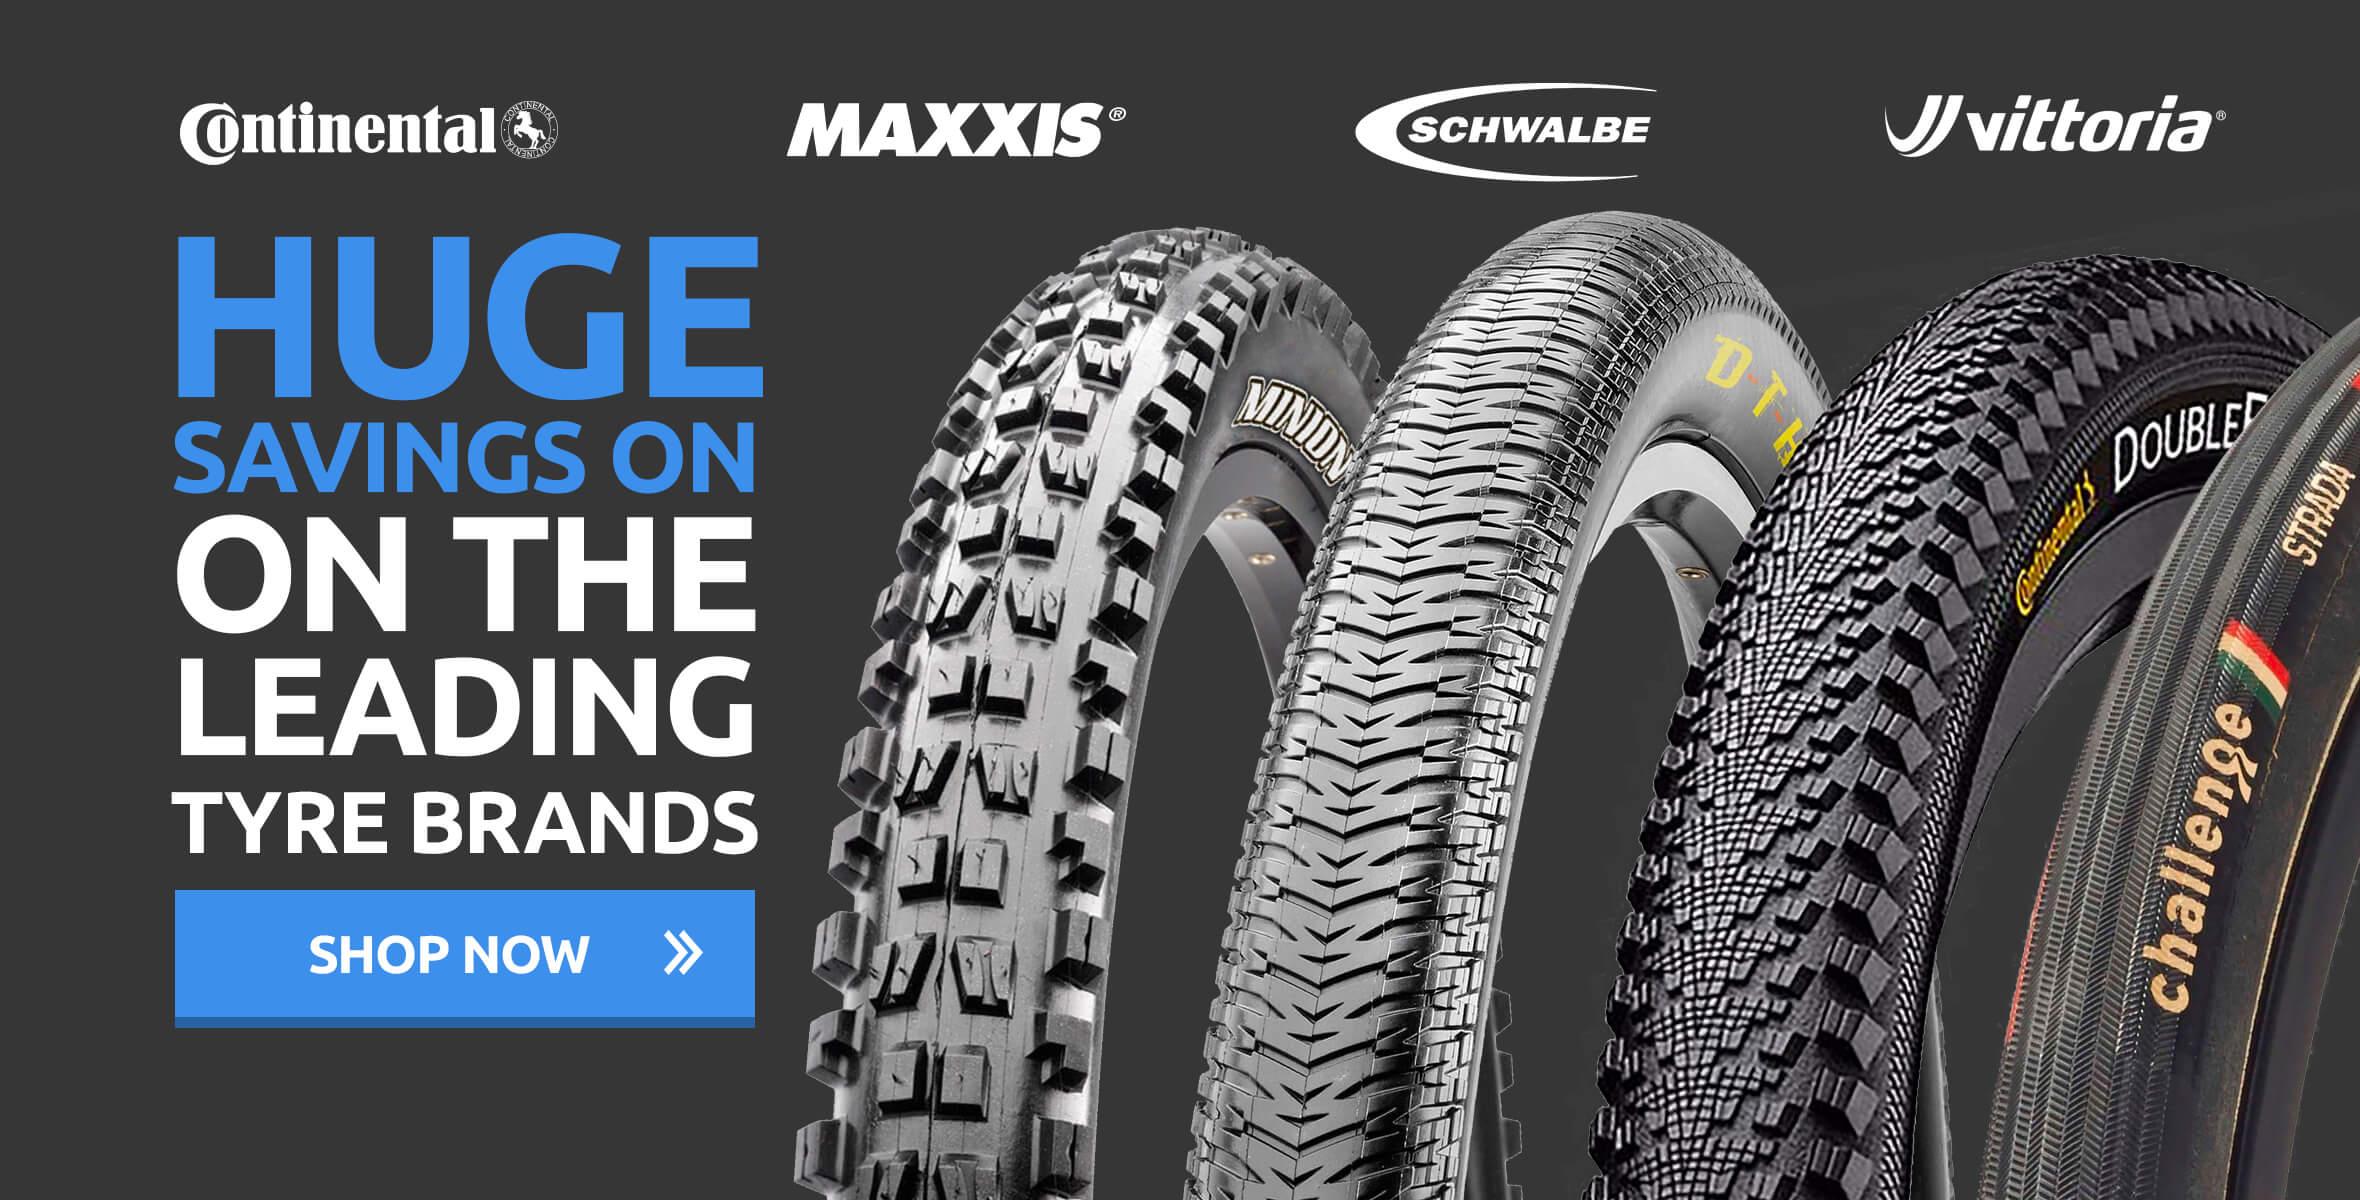 Huge Savings on Leading Tyre Brands